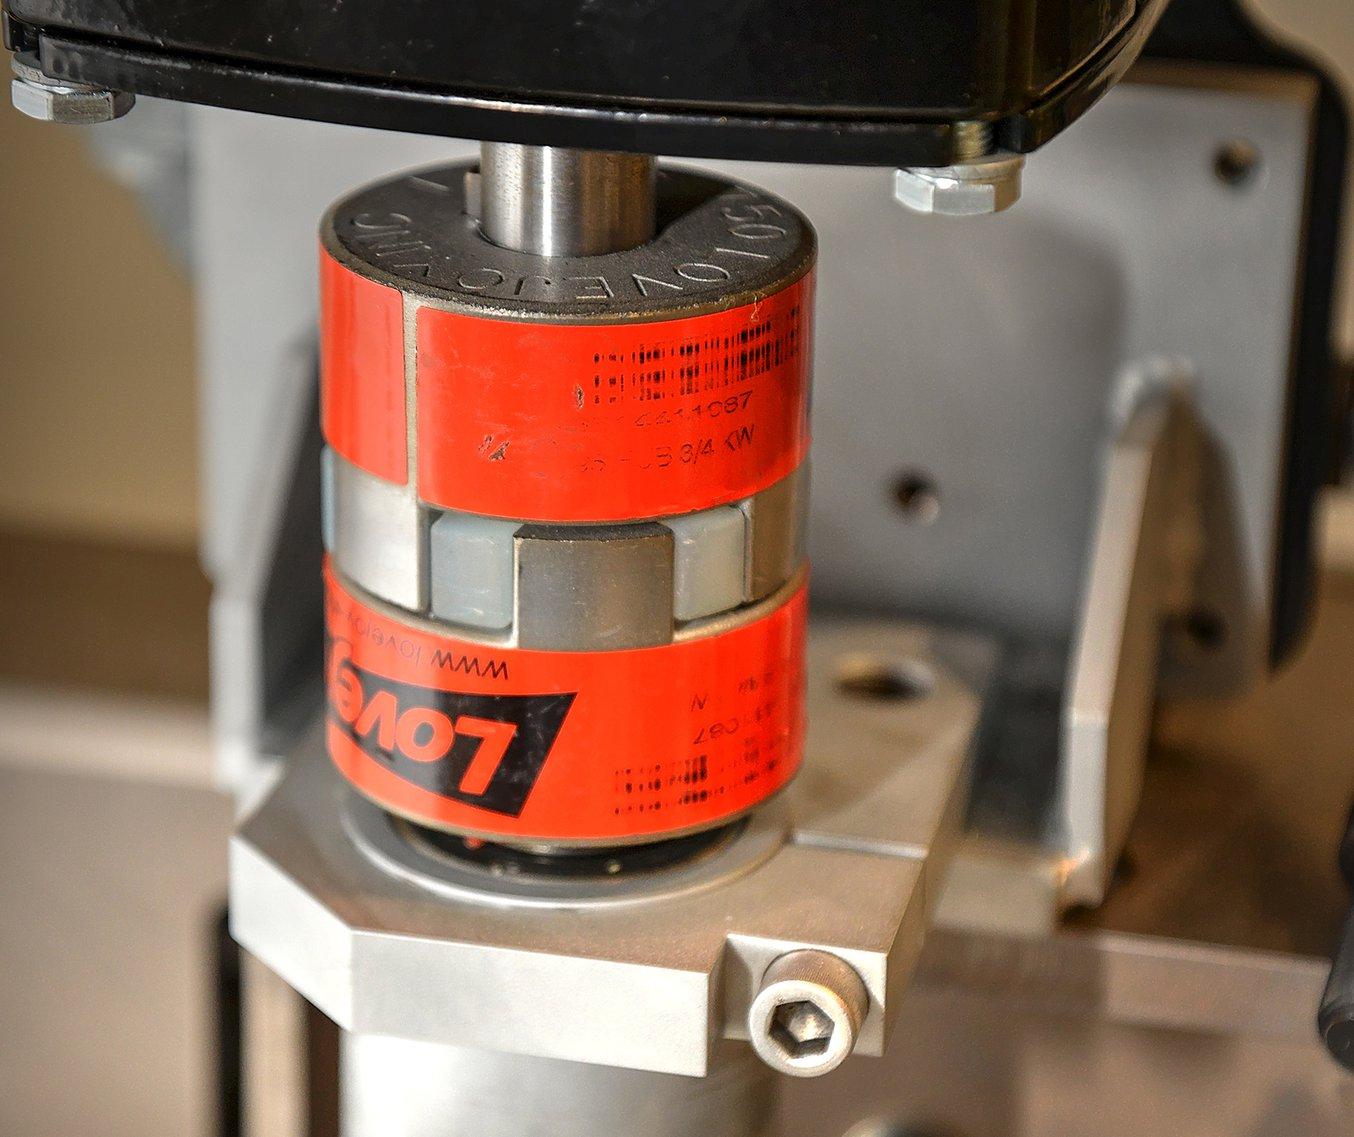 Als eine outgesourcte Spider-Kupplung für eine Linsenpoliermaschine in der falschen Größe geliefert wurde, designte und 3D-druckte Little aus Durable Resin einen kurzfristigen Ersatz in der richtigen Größe vor einer großen Messe.